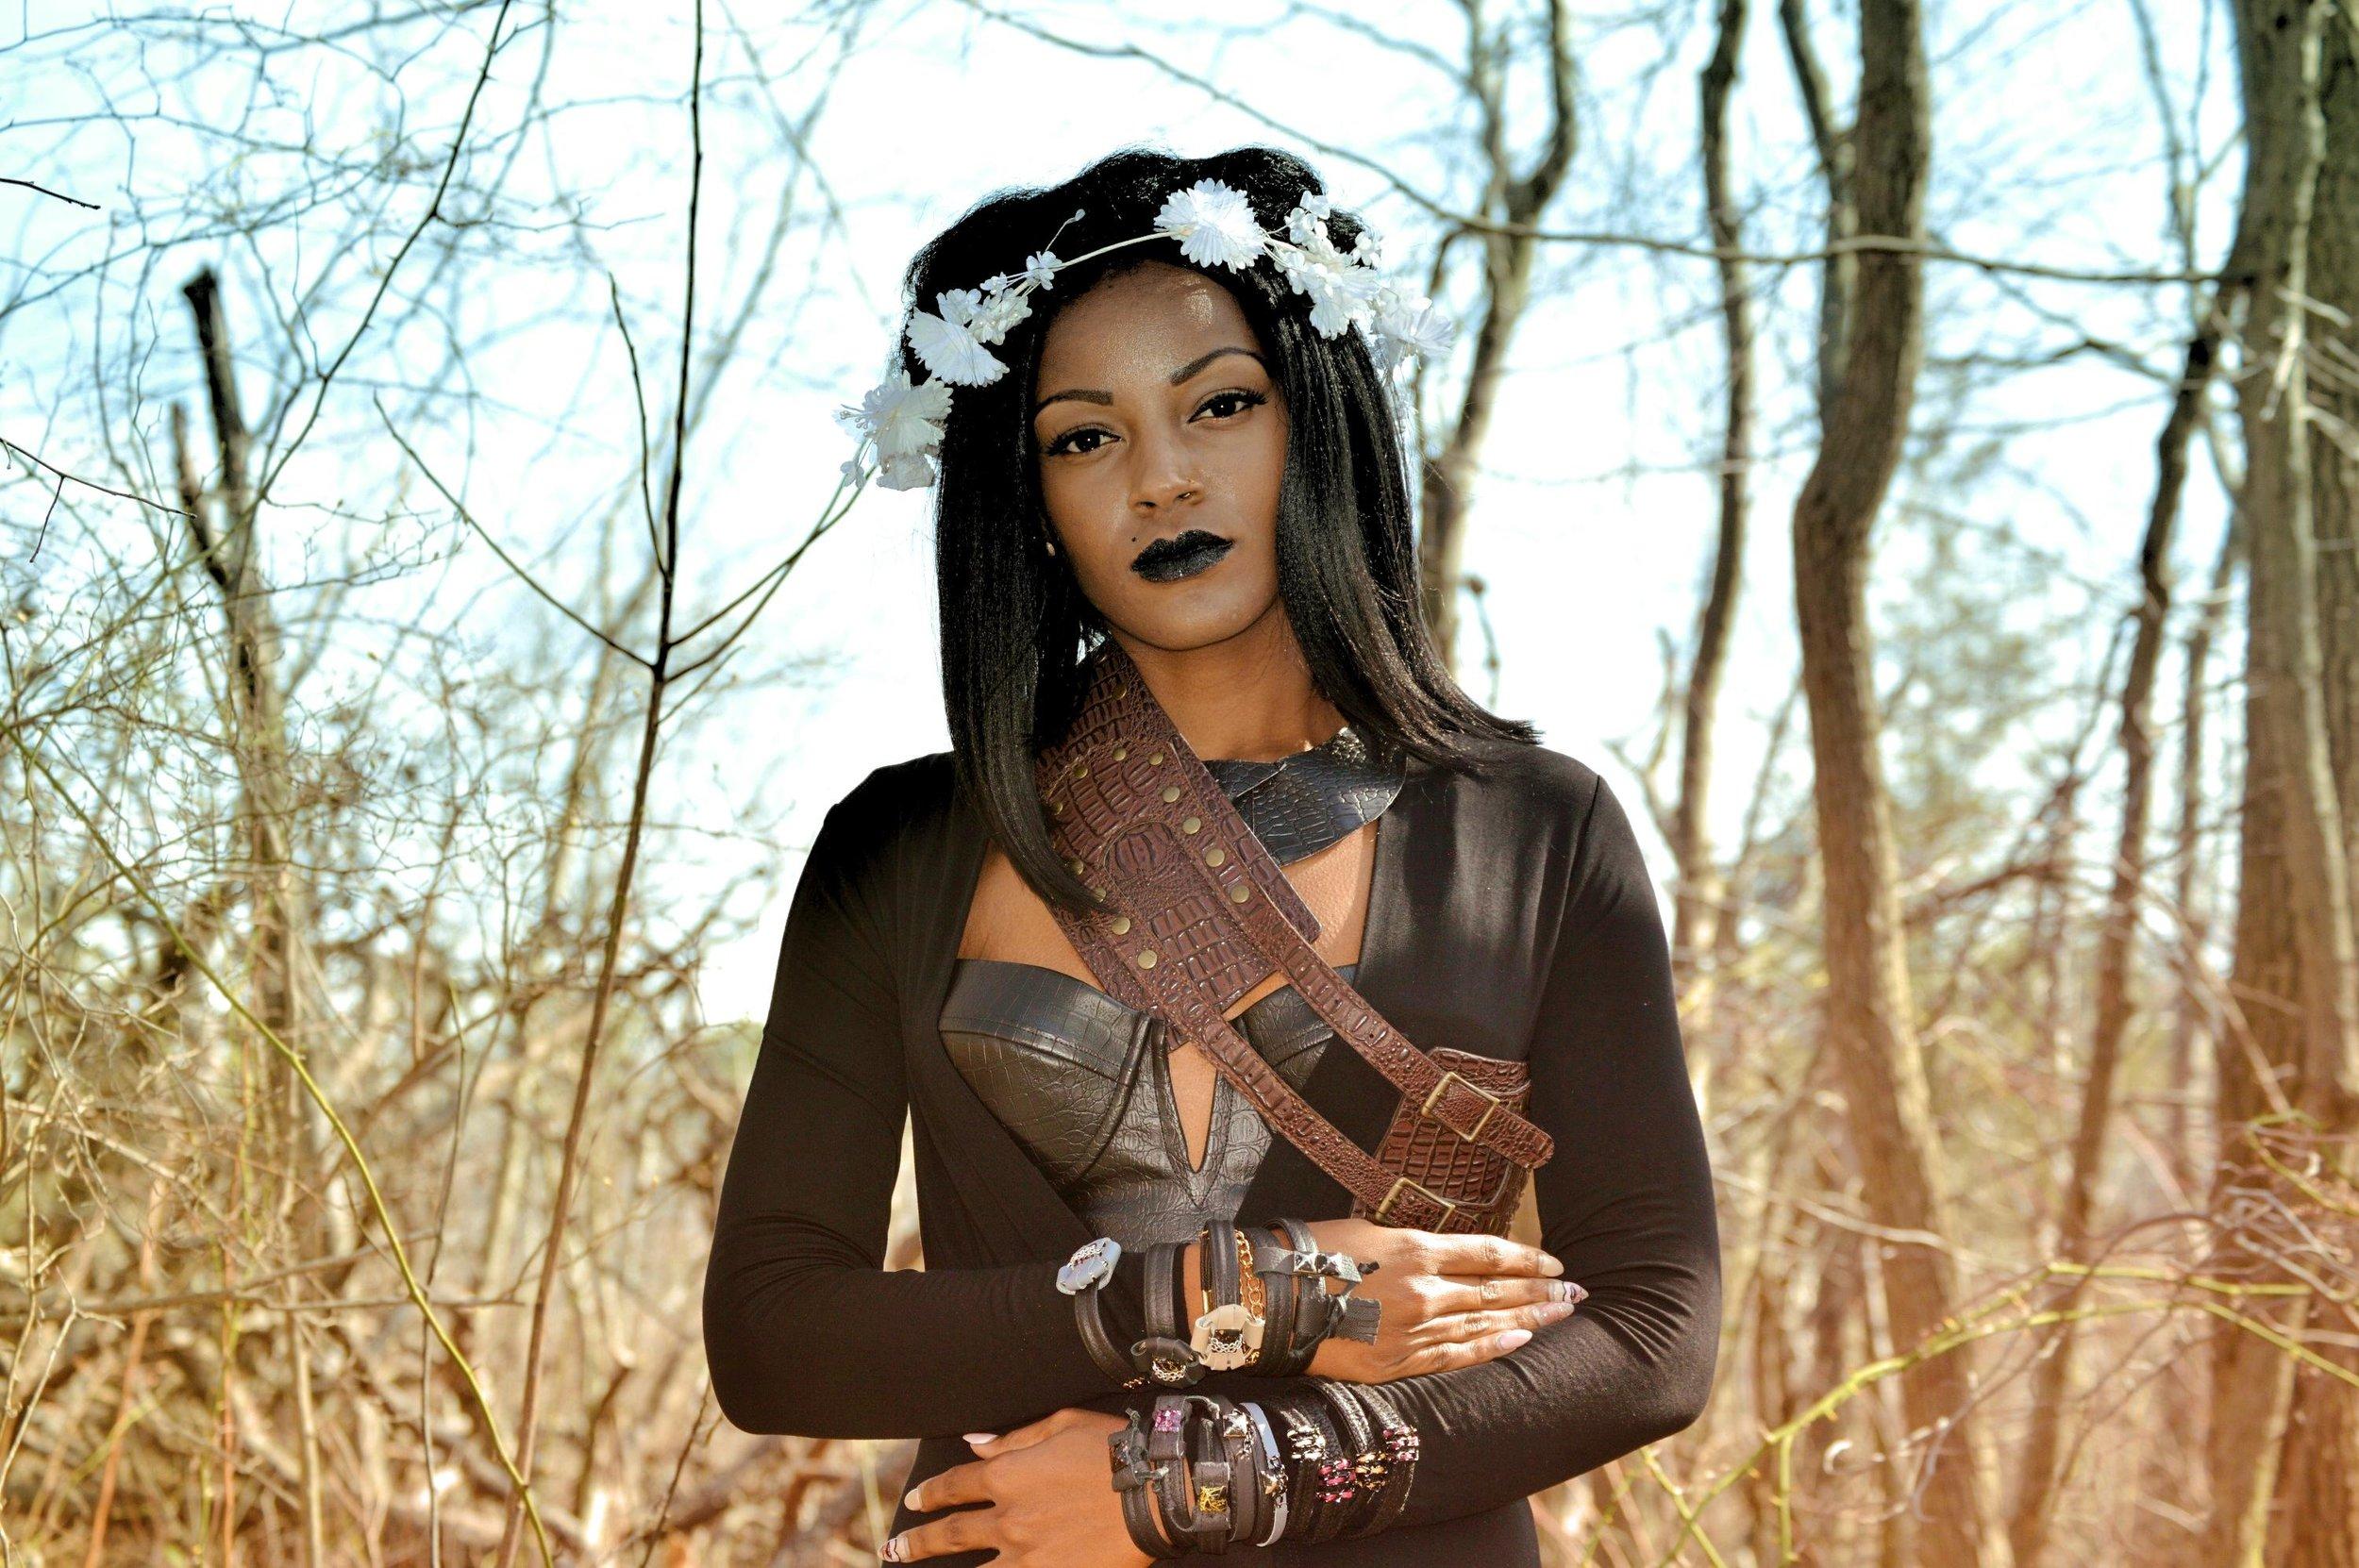 Black & Gold Fashions-  JEWELRY UP- CLOSE PHOTOSHOOT (8).jpeg